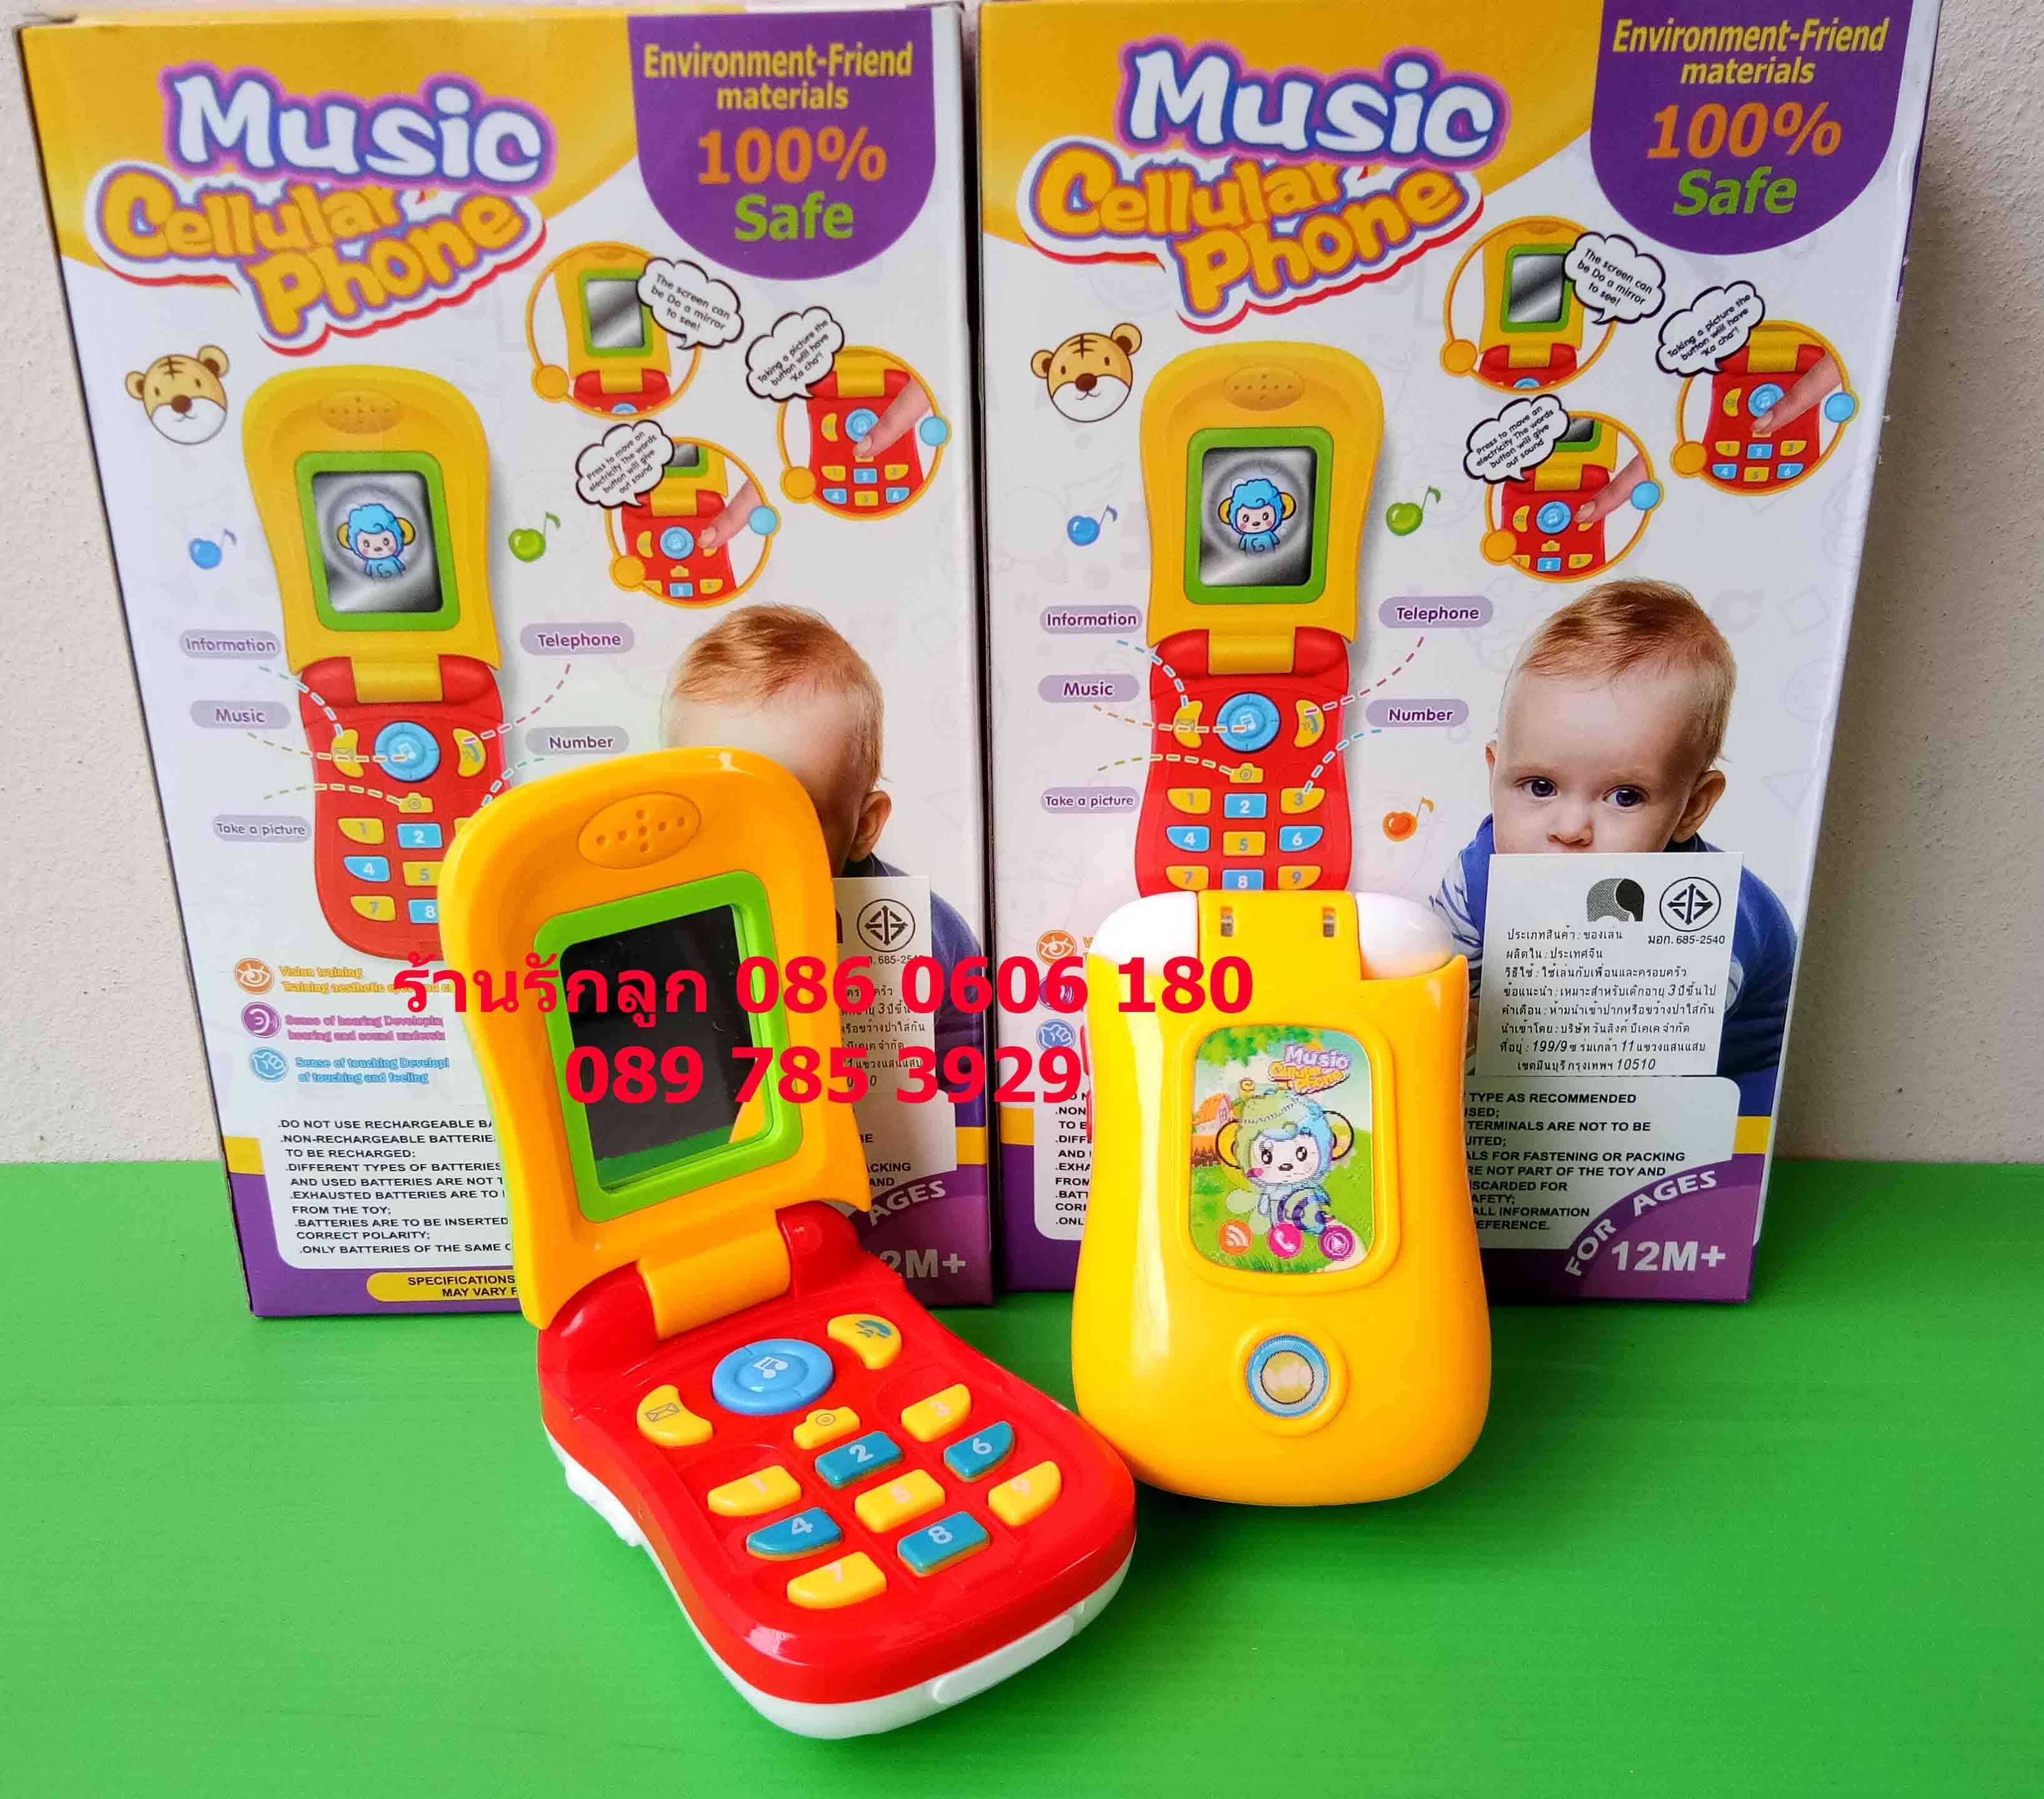 โทรศัพท์มือของเด็กเล่น แบบพับได้ มีเสียงเพลง